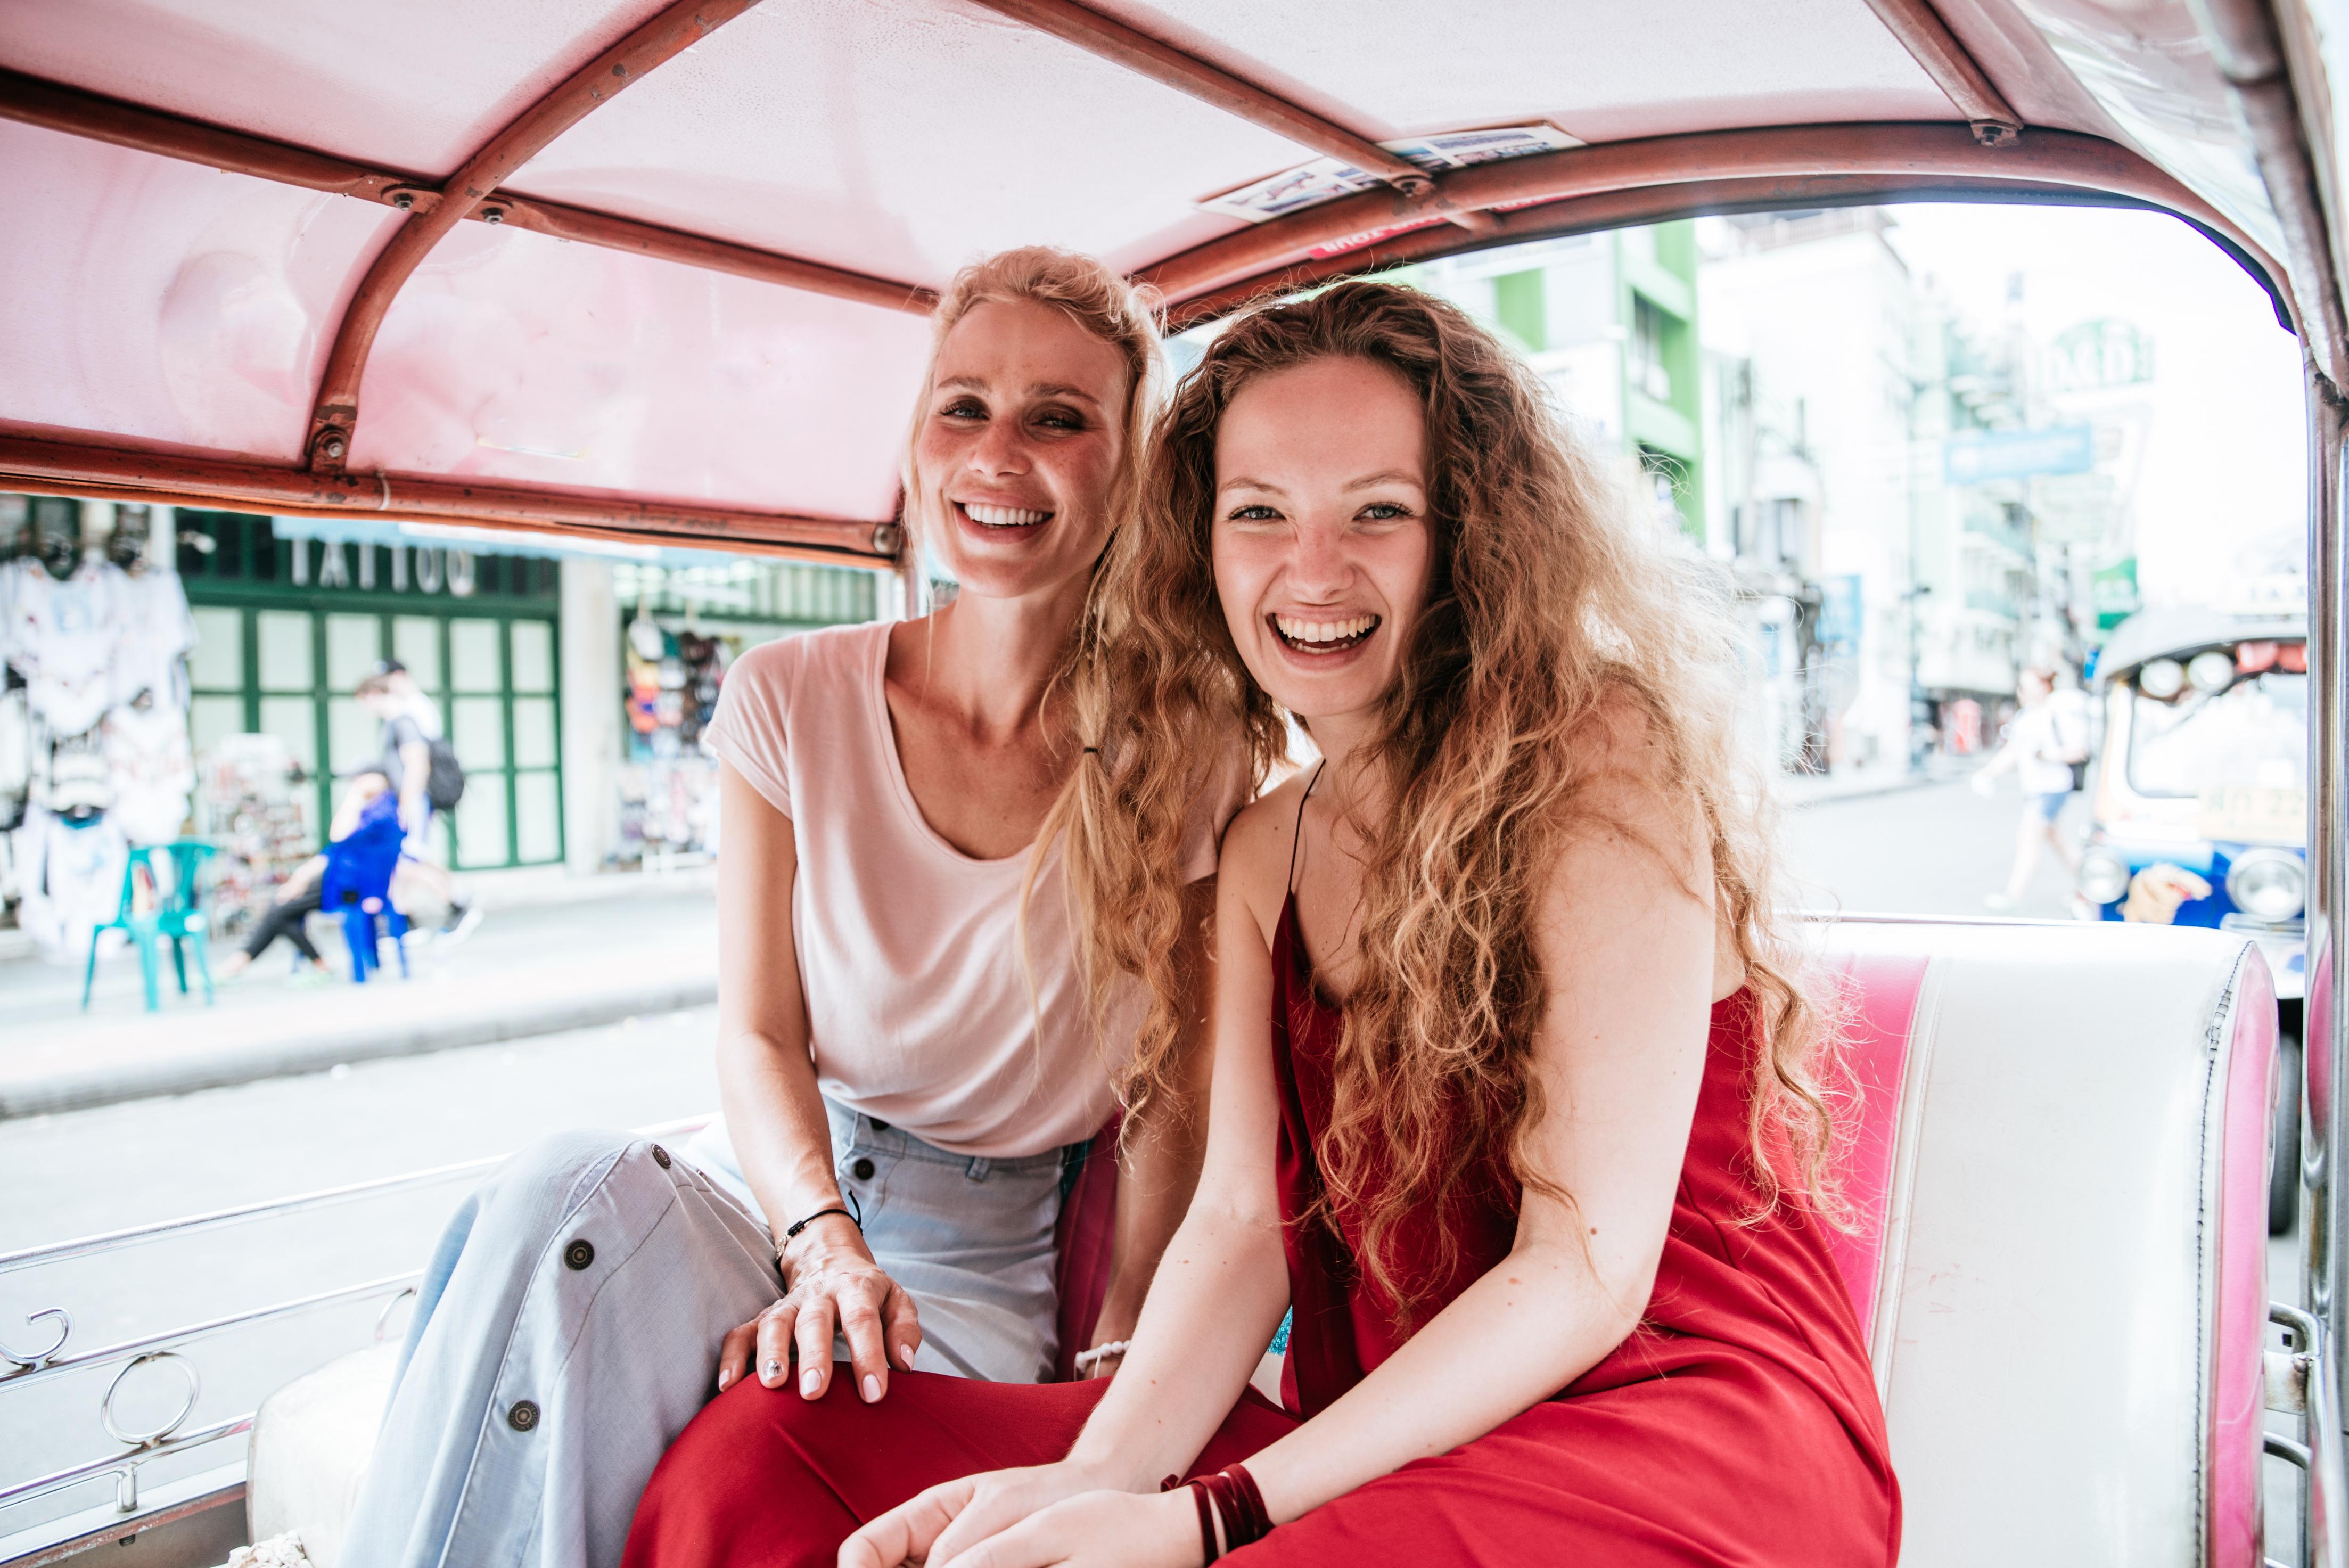 Deux amies sourient dans un taxi en Thaïlande.jpg